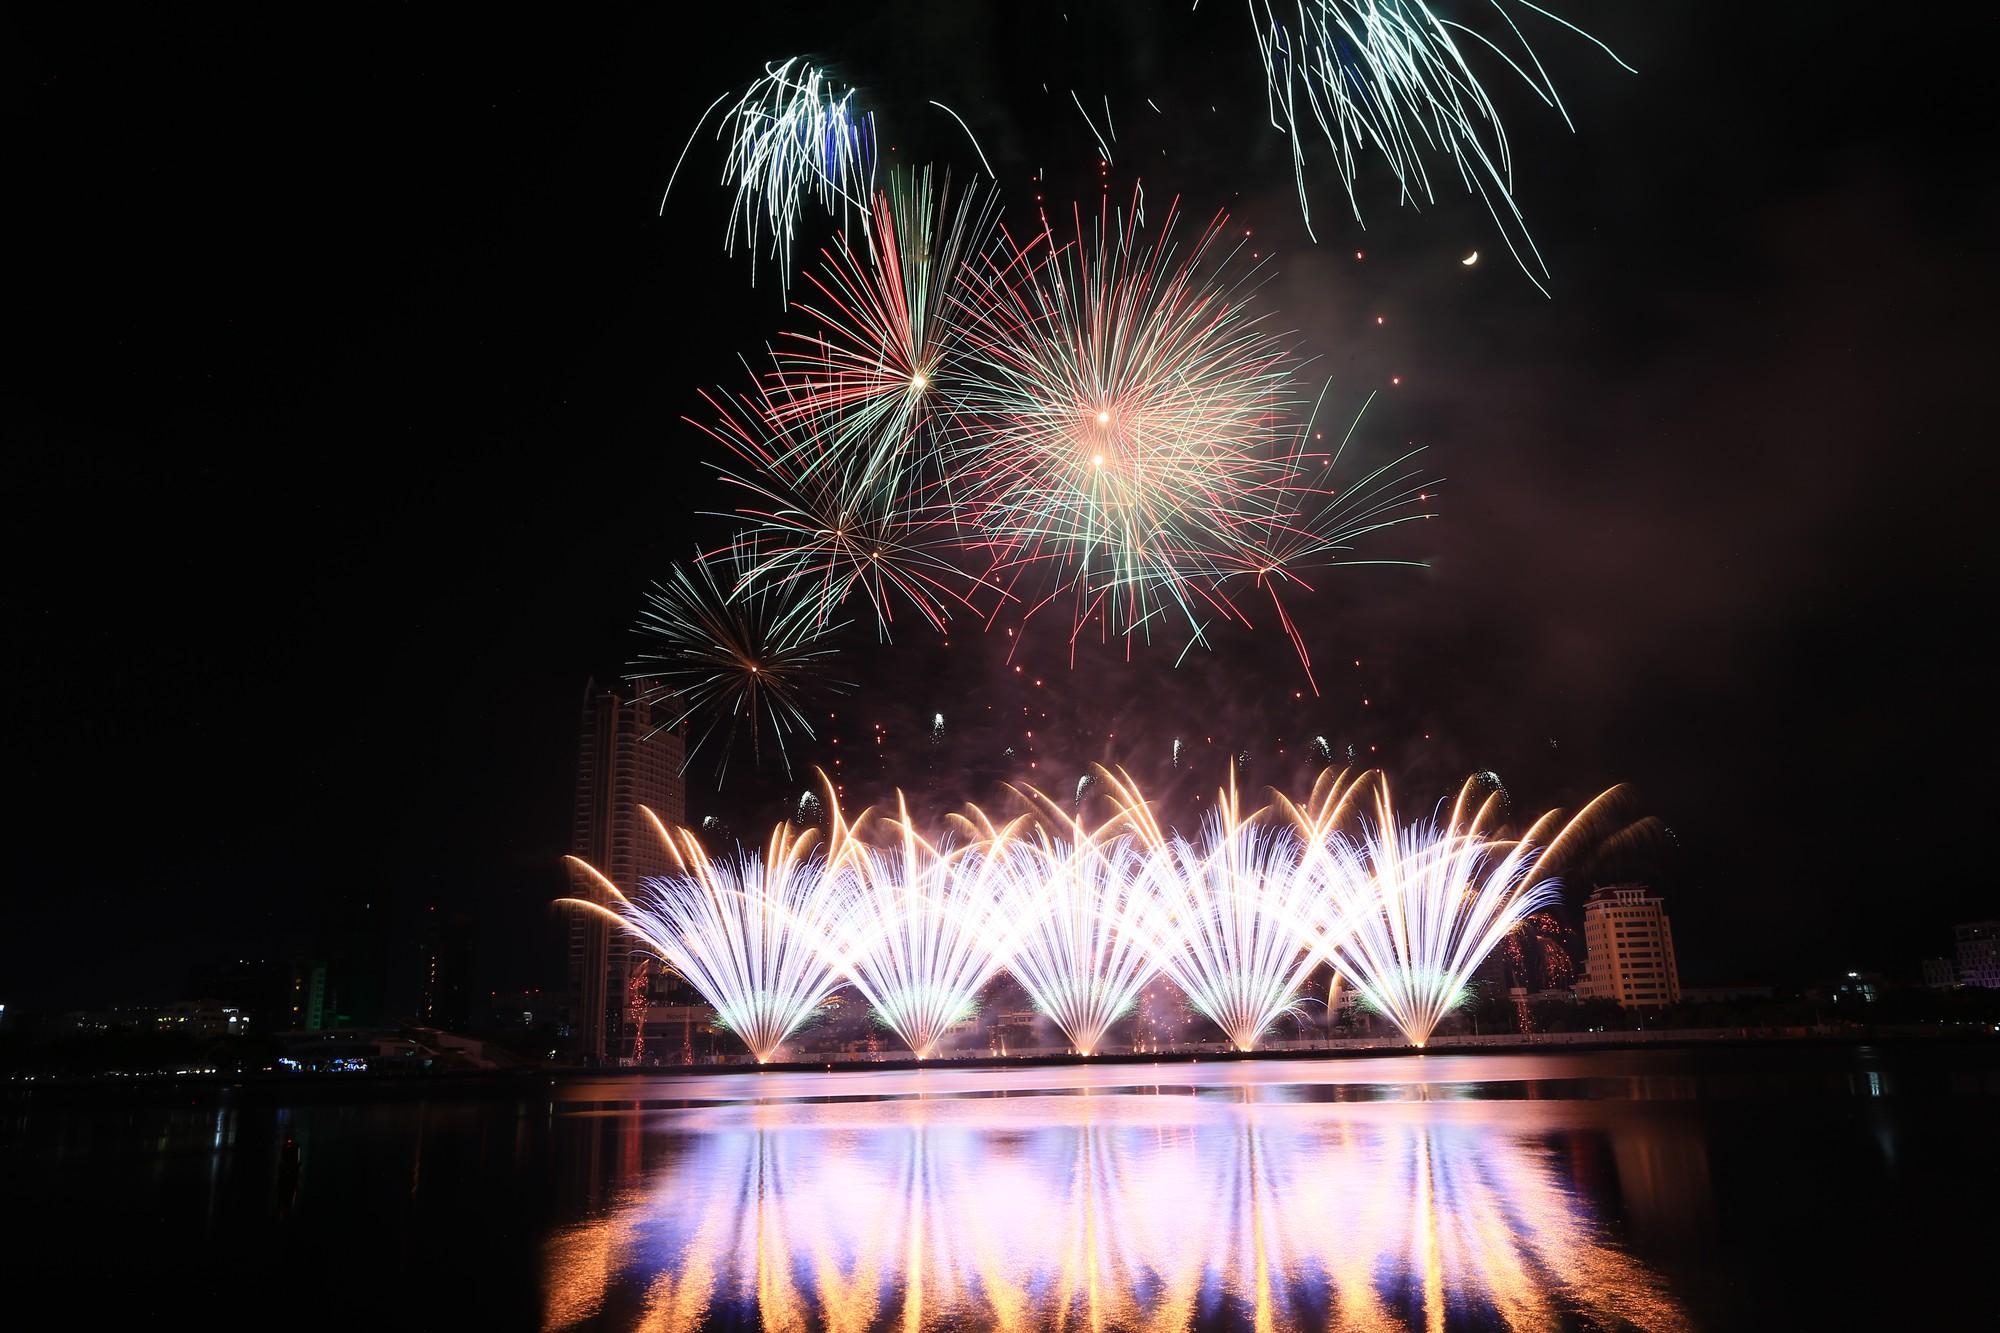 Brasil và Bỉ gửi thông điệp tình yêu bằng ánh sáng pháo hoa trên sông Hàn - Ảnh 3.